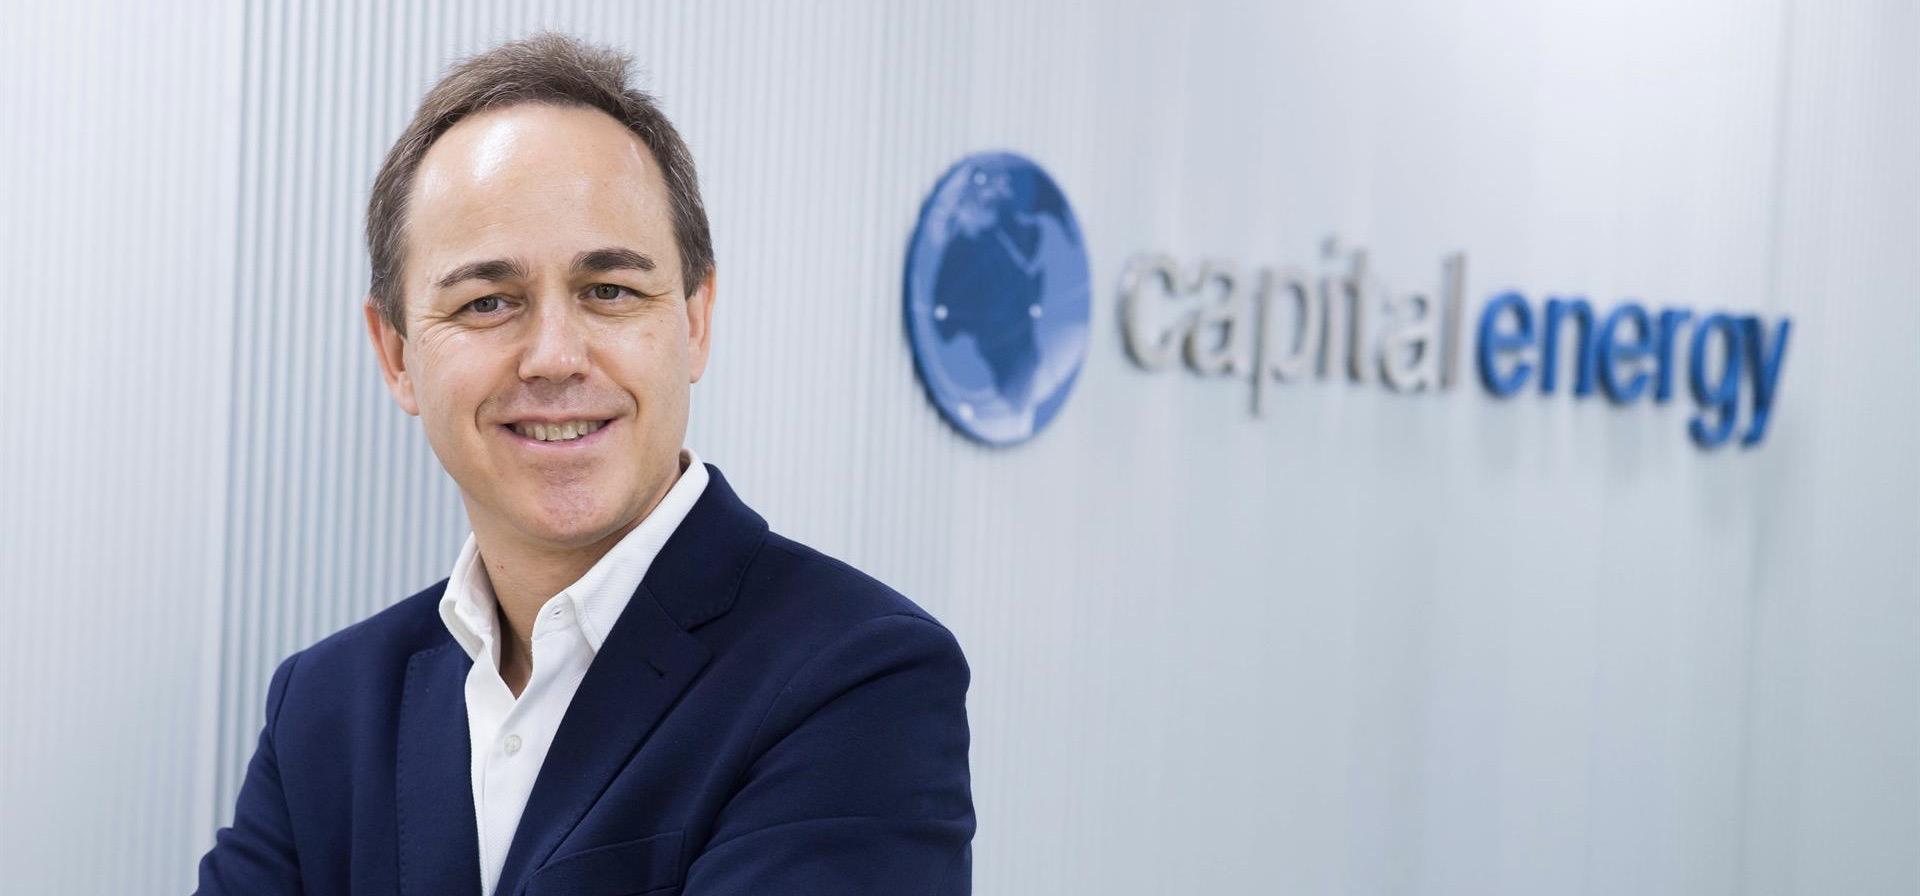 La compañía de renovables Capital Energy ha situado a Javier Cervera Benito nuevo director de Comunicación tras su paso por Iberdrola.